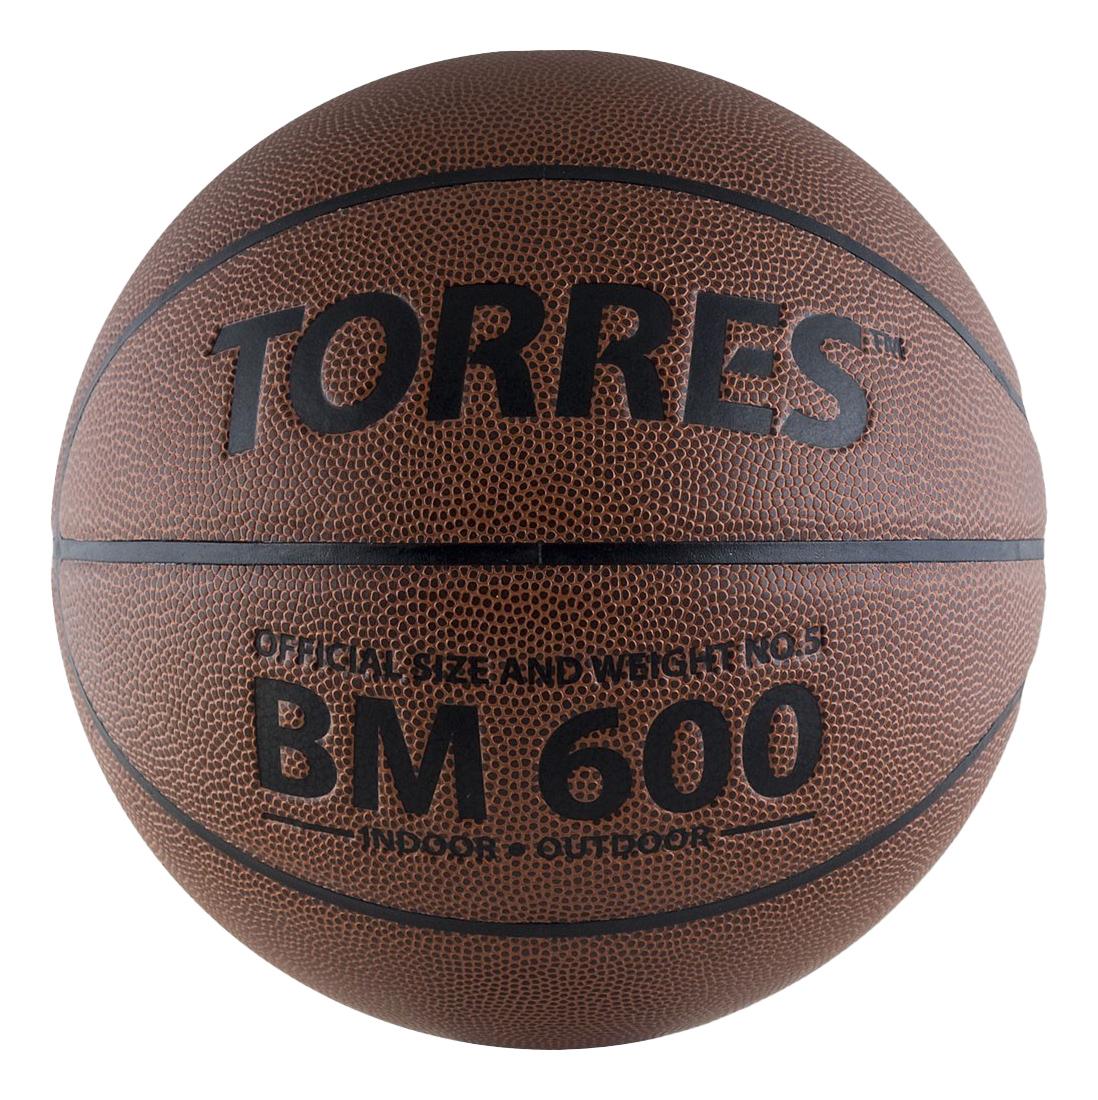 Баскетбольный мяч Torres B10027 №7 brown фото